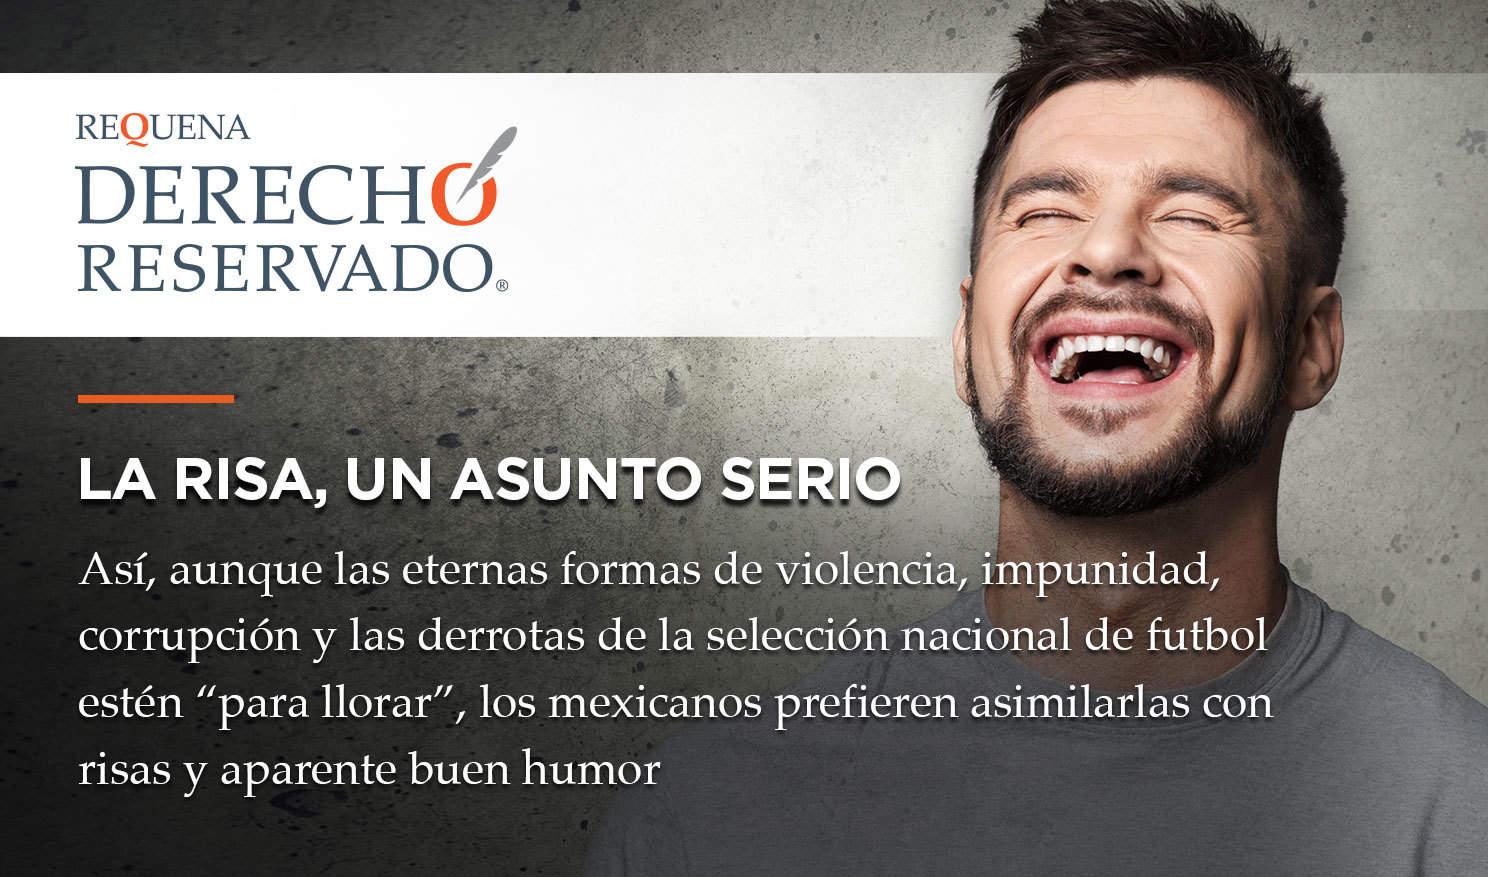 La Risa, asunto serio | Derecho Reservado | Carlos Requena